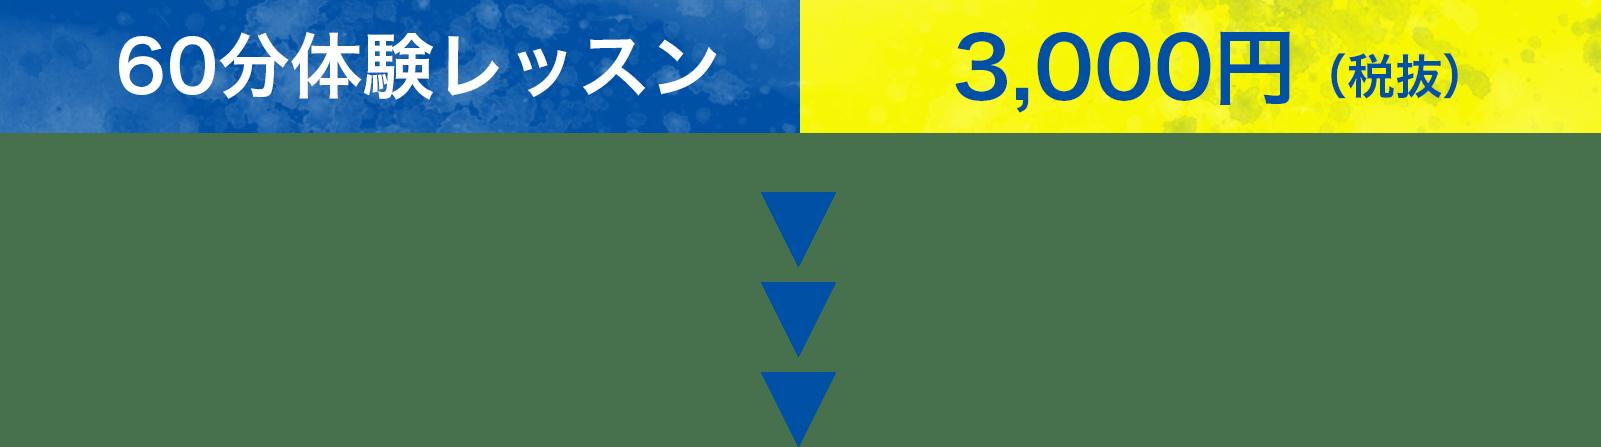 60分体験レッスン|3,000円(税抜)